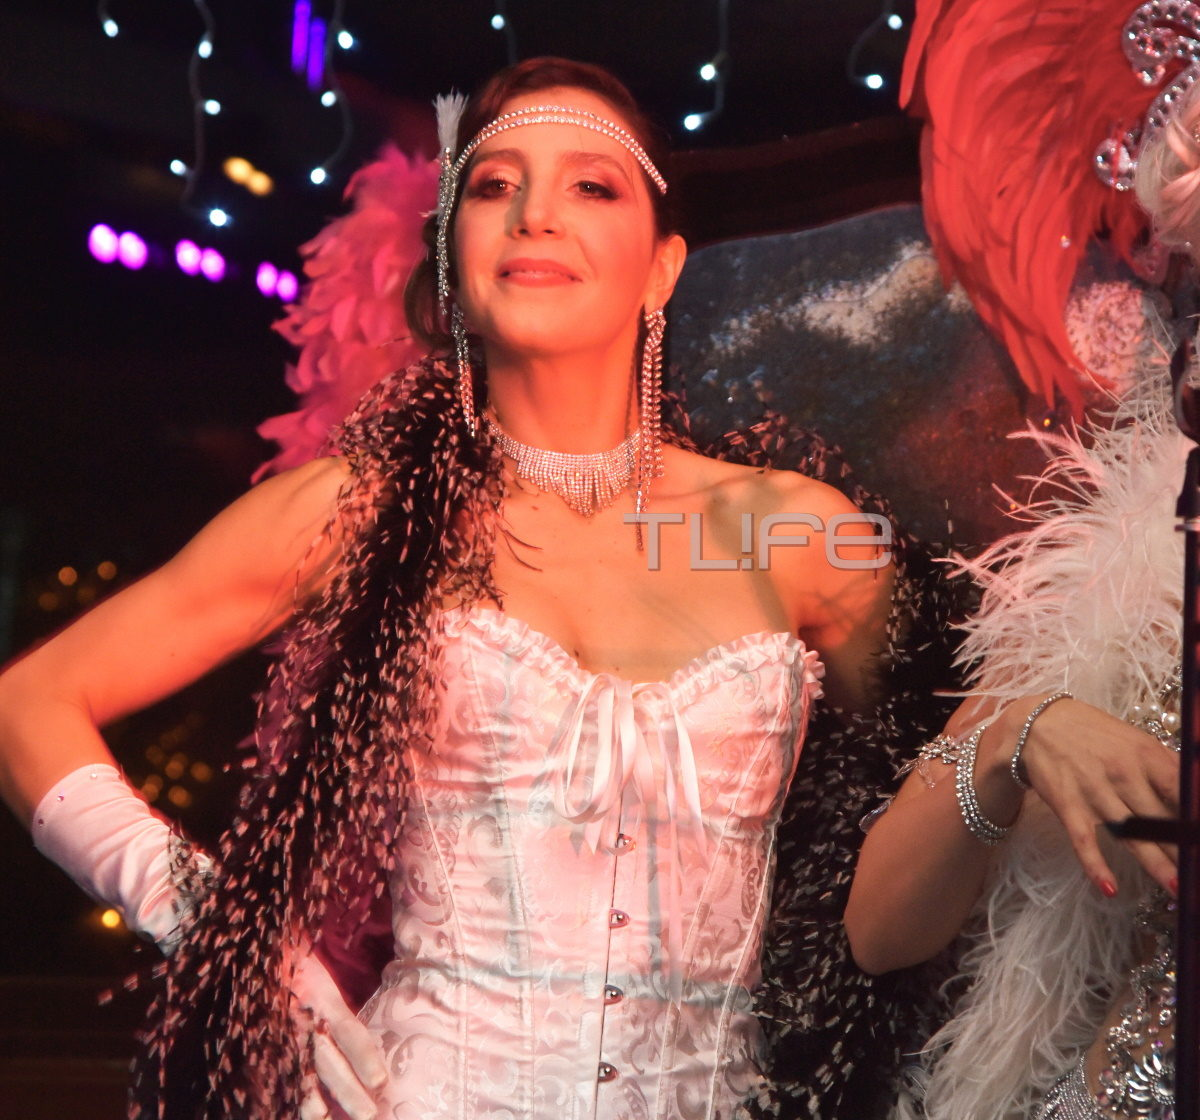 Mαρία Ελένη Λυκουρέζου: Χόρεψε σε καμπαρέ show και ήταν απλά υπέροχη! Φωτογραφίες | tlife.gr